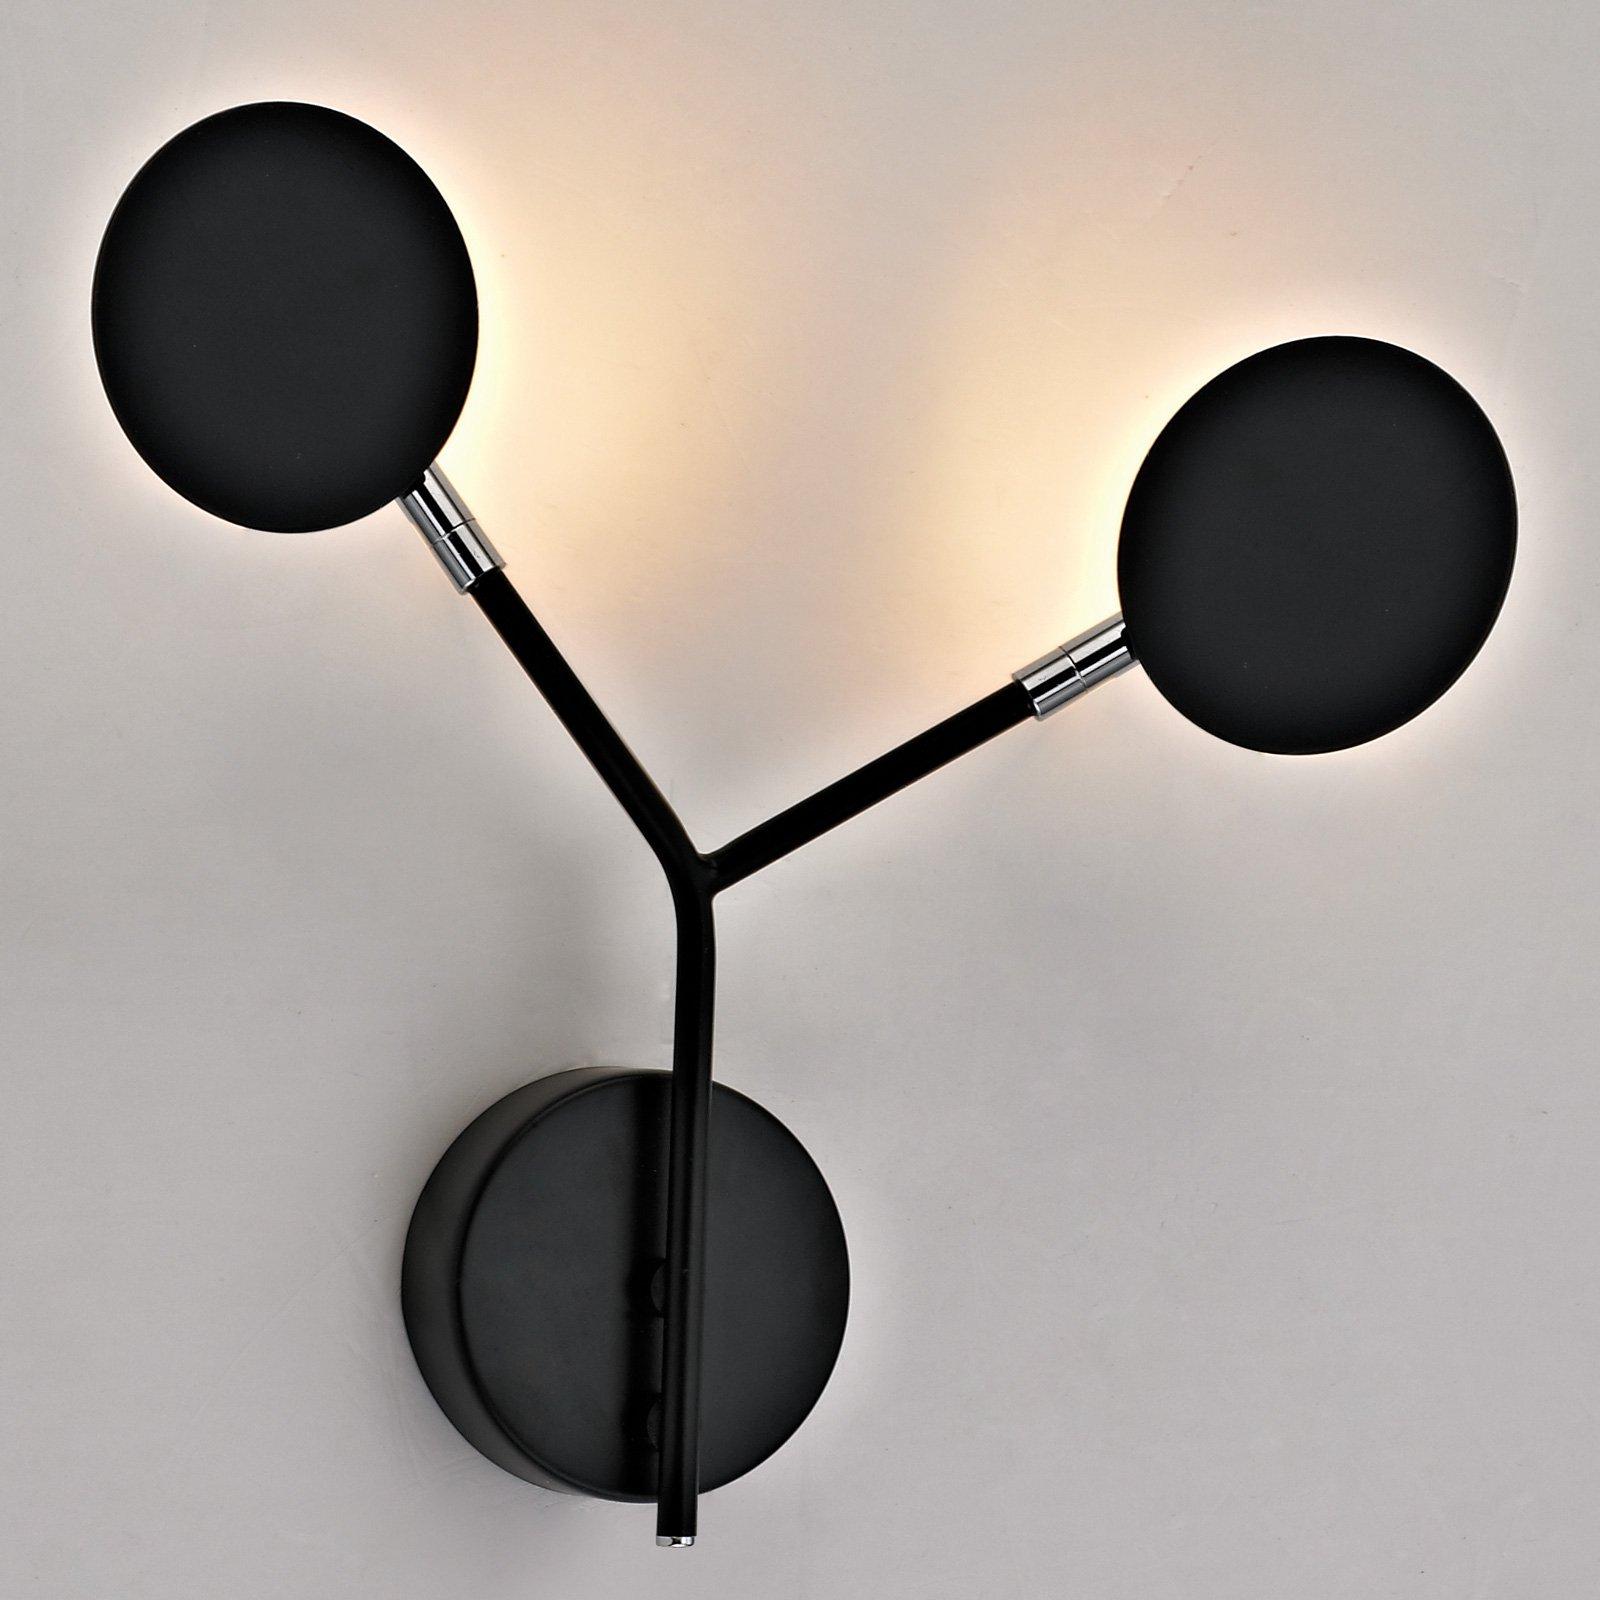 LED-vegglampe Belize, 2 lyskilder, svart